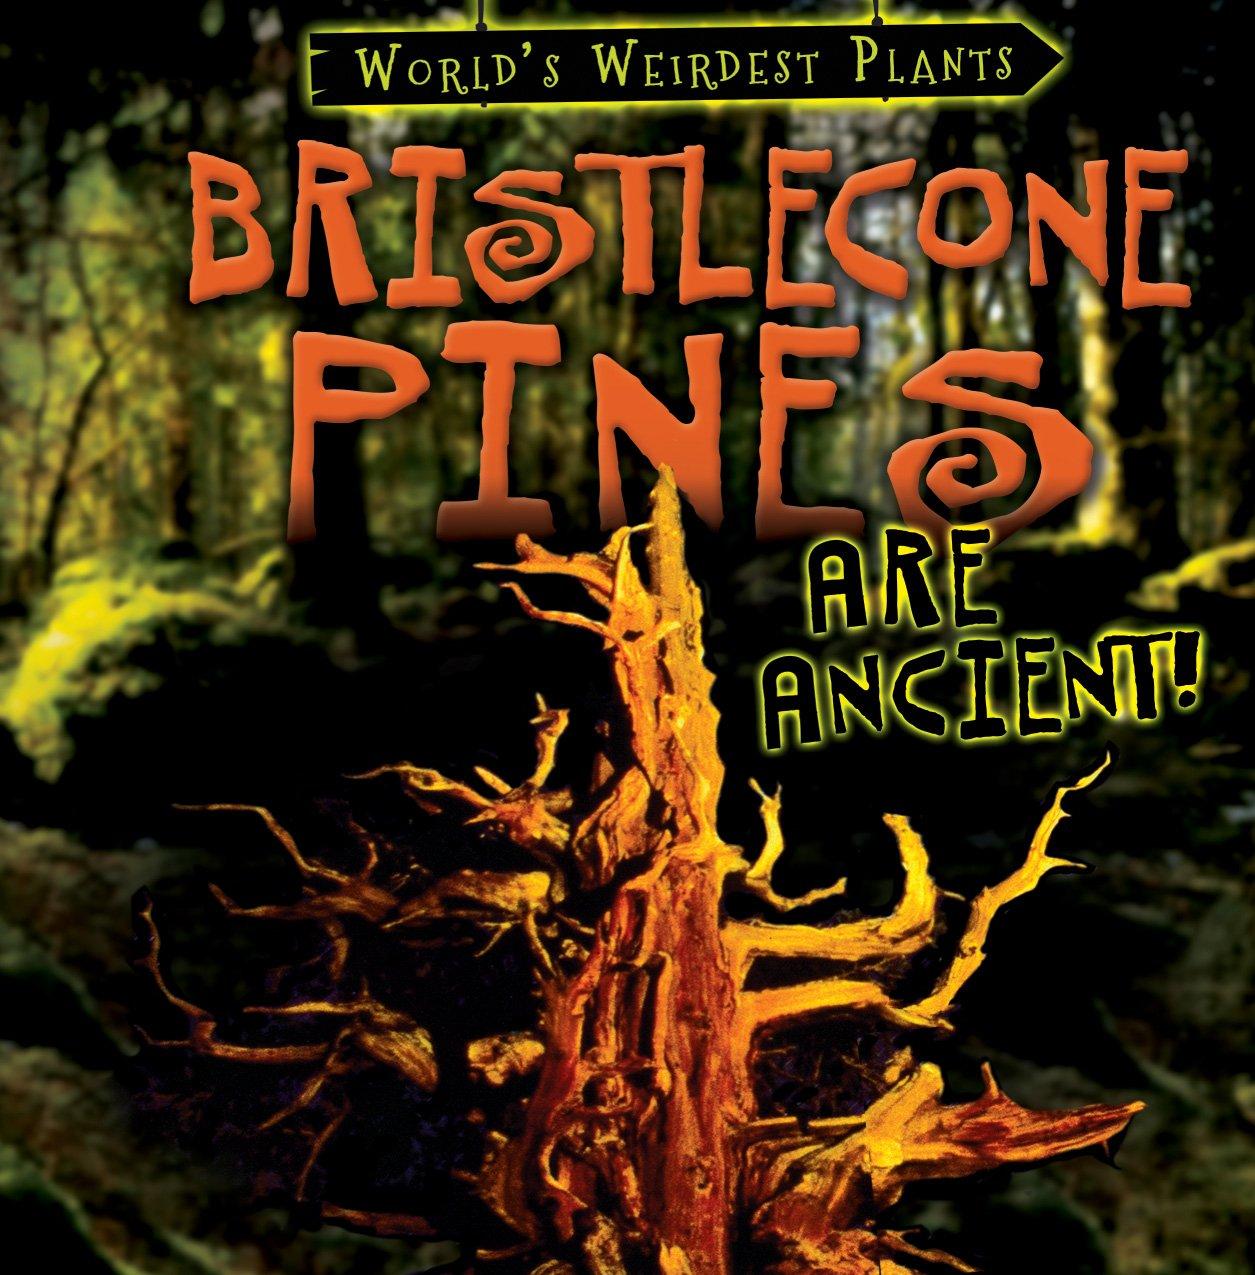 Bristlecone Pines Are Ancient! (World's Weirdest Plants)